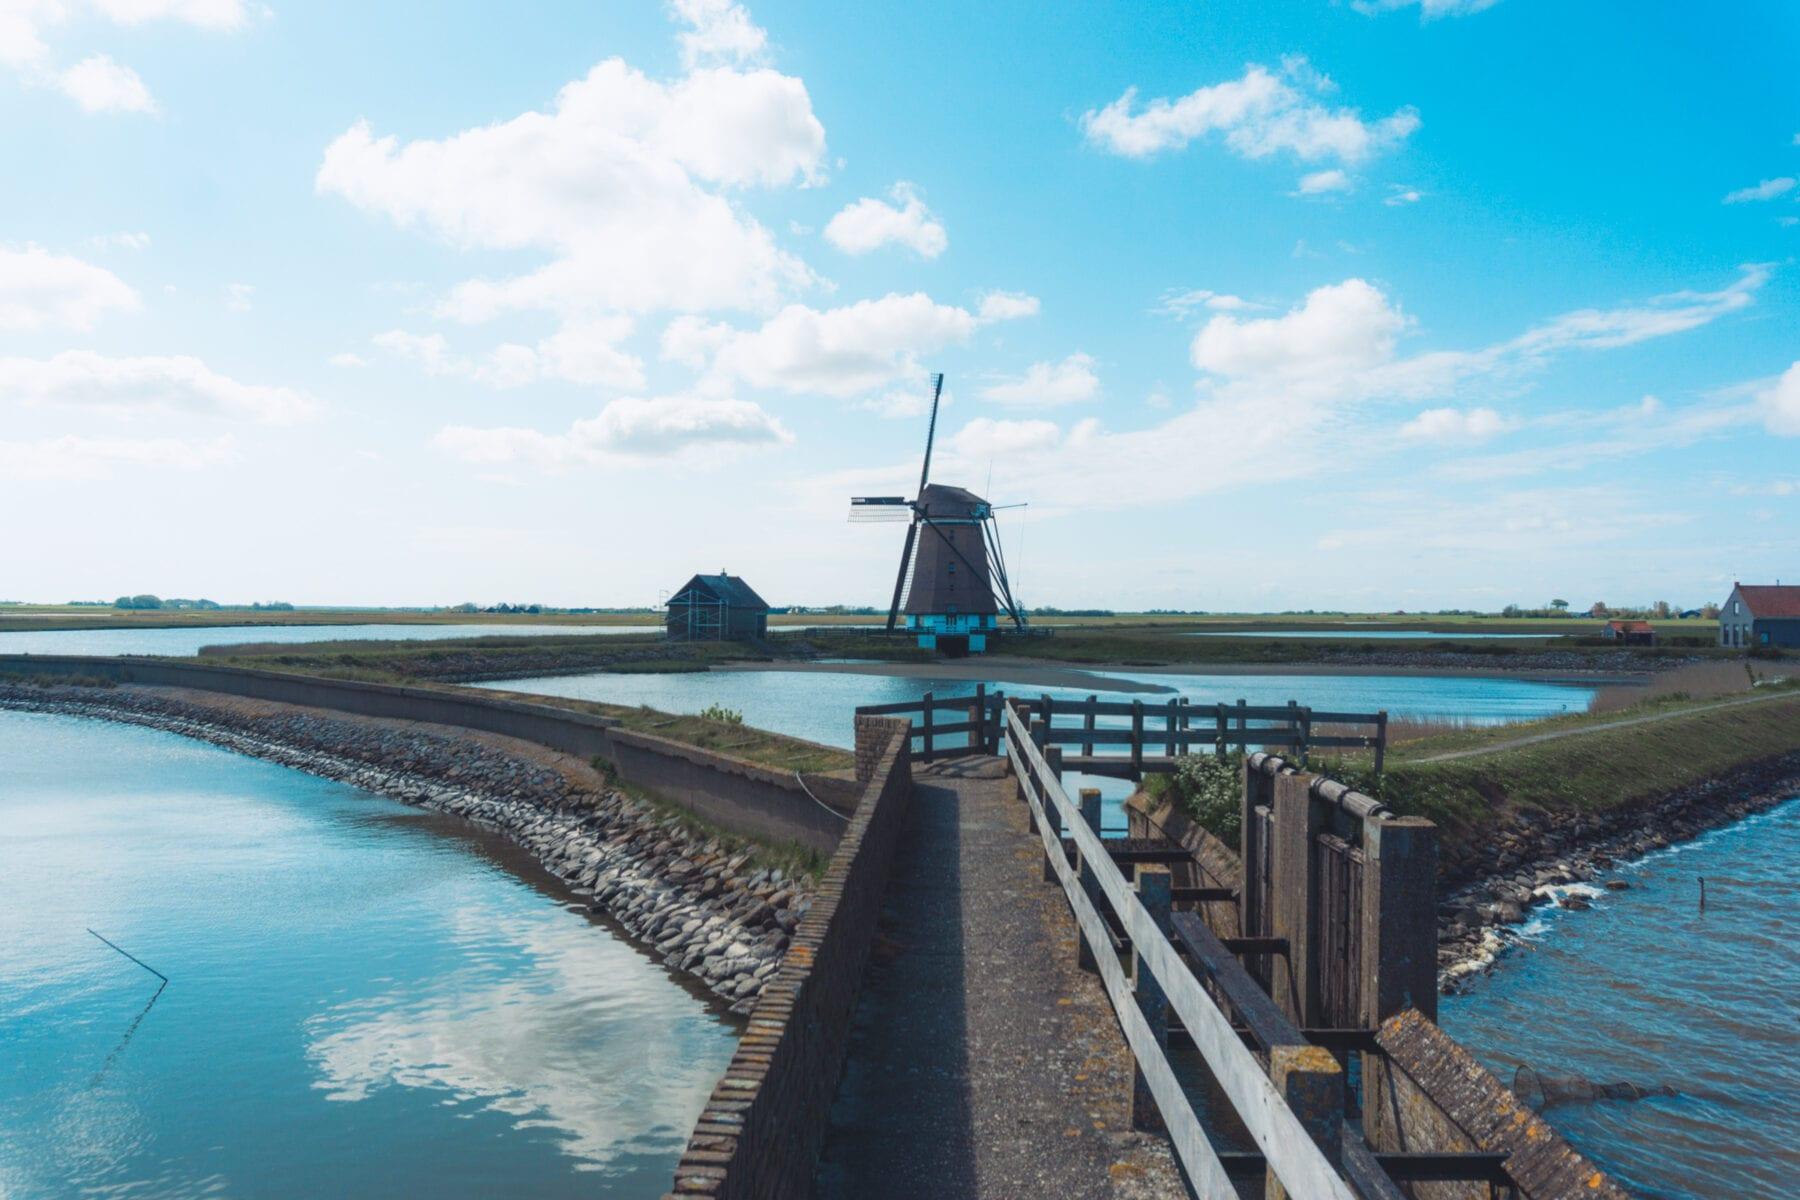 Vakantie naar Texel molen natuurmonumenten